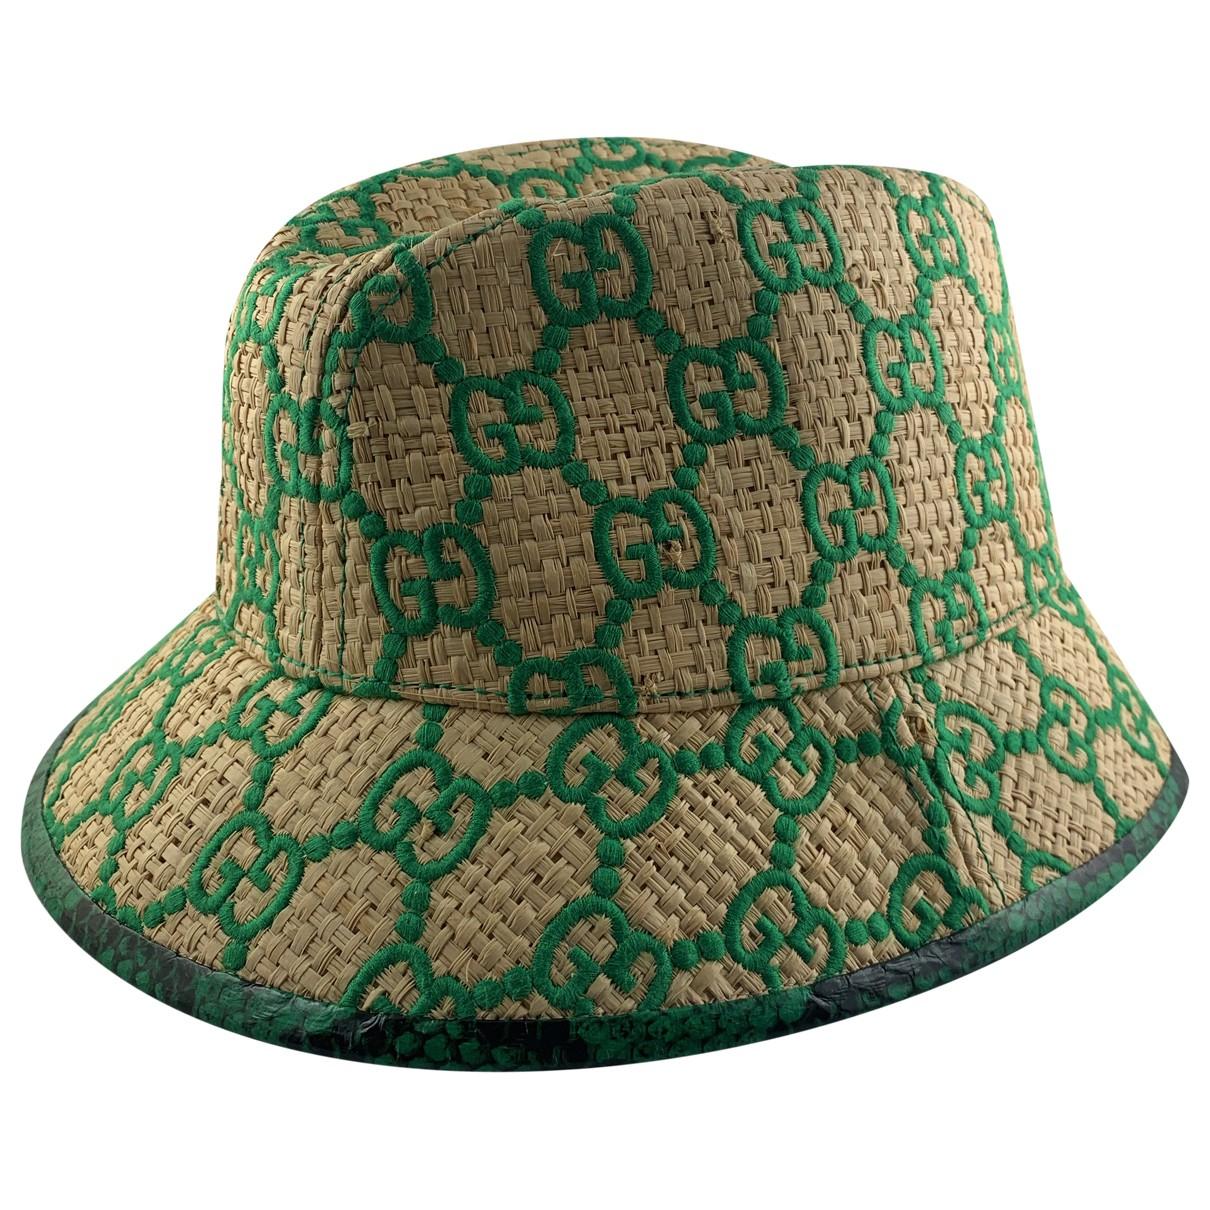 Gucci \N Green Wicker hat for Women S International